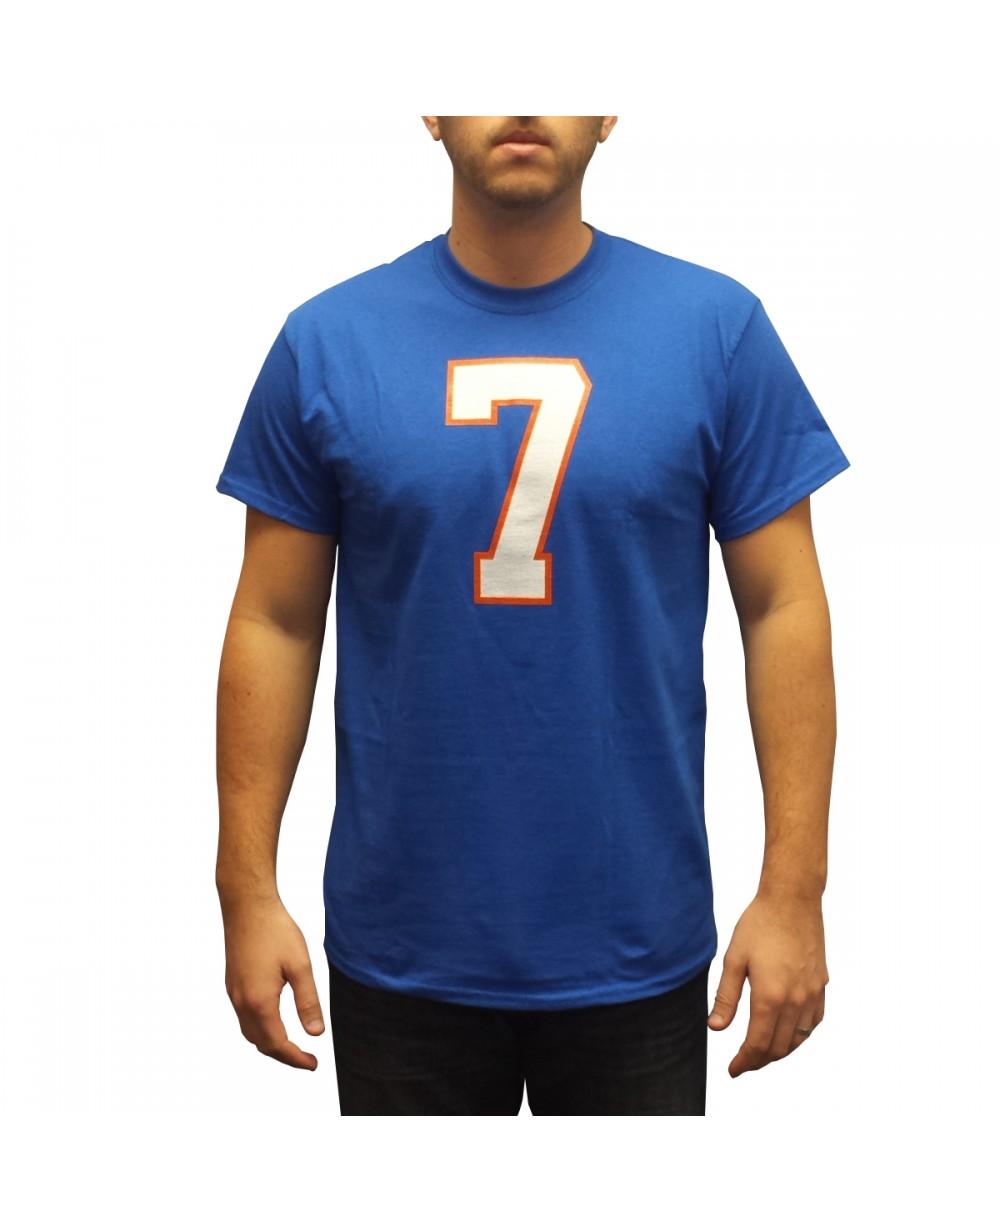 More Views. Alex Moran  7 Blue Jersey T-Shirt 84a1a9381